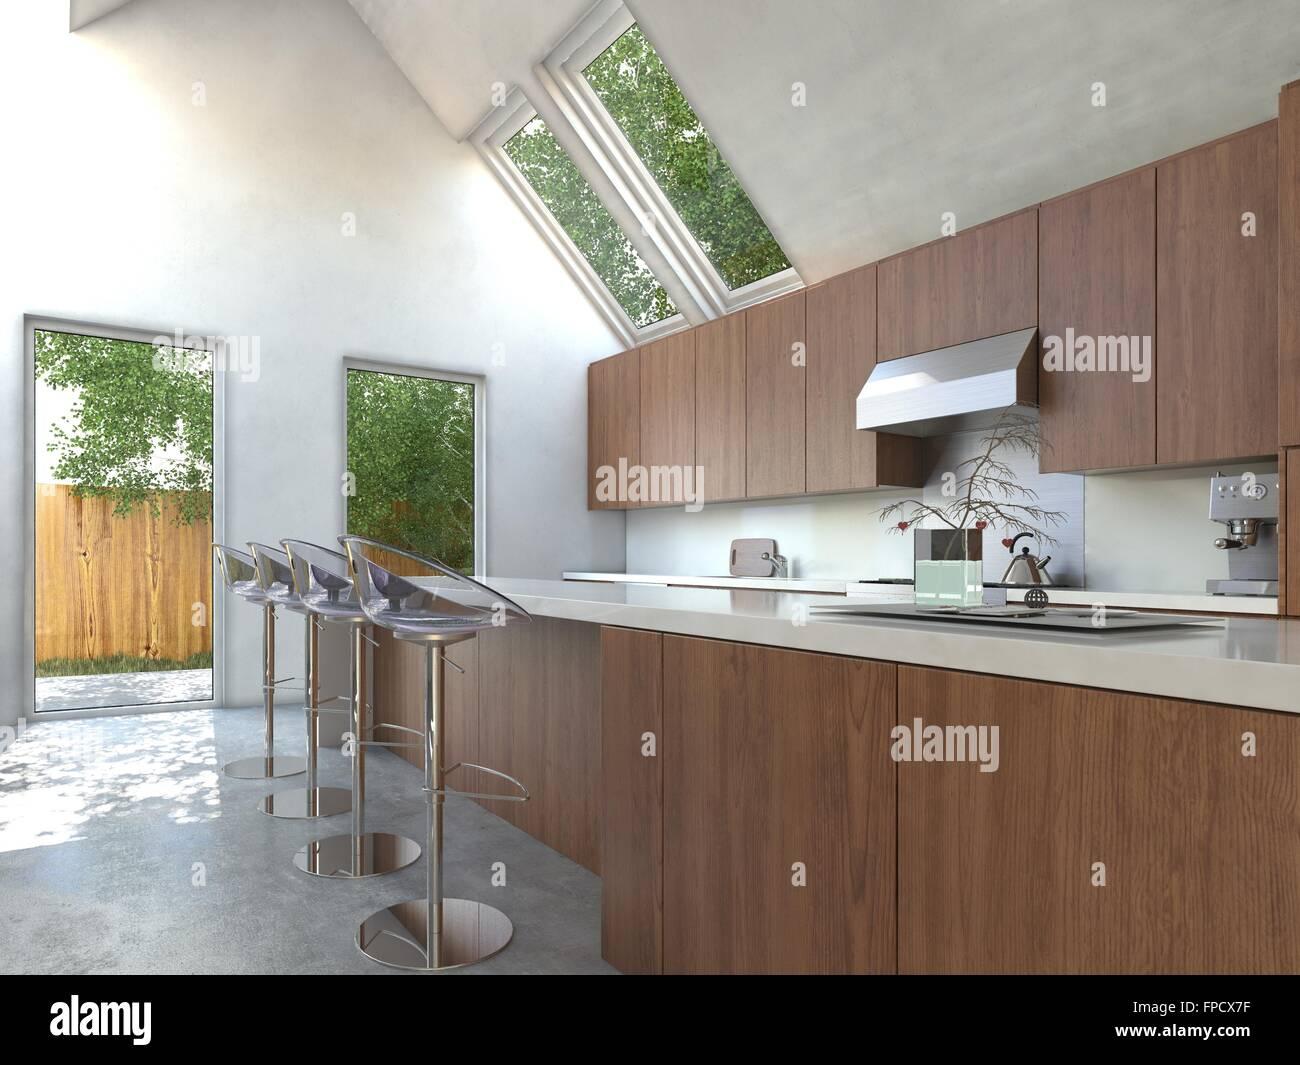 Kompakte Moderne Offene Küche Mit Holzschränke, Bar Theke Und  Zeitgenössische Modulare Hocker Mit Platte Glastür öffnet Sich Ein Kleiner  Hof Und Oberlichter